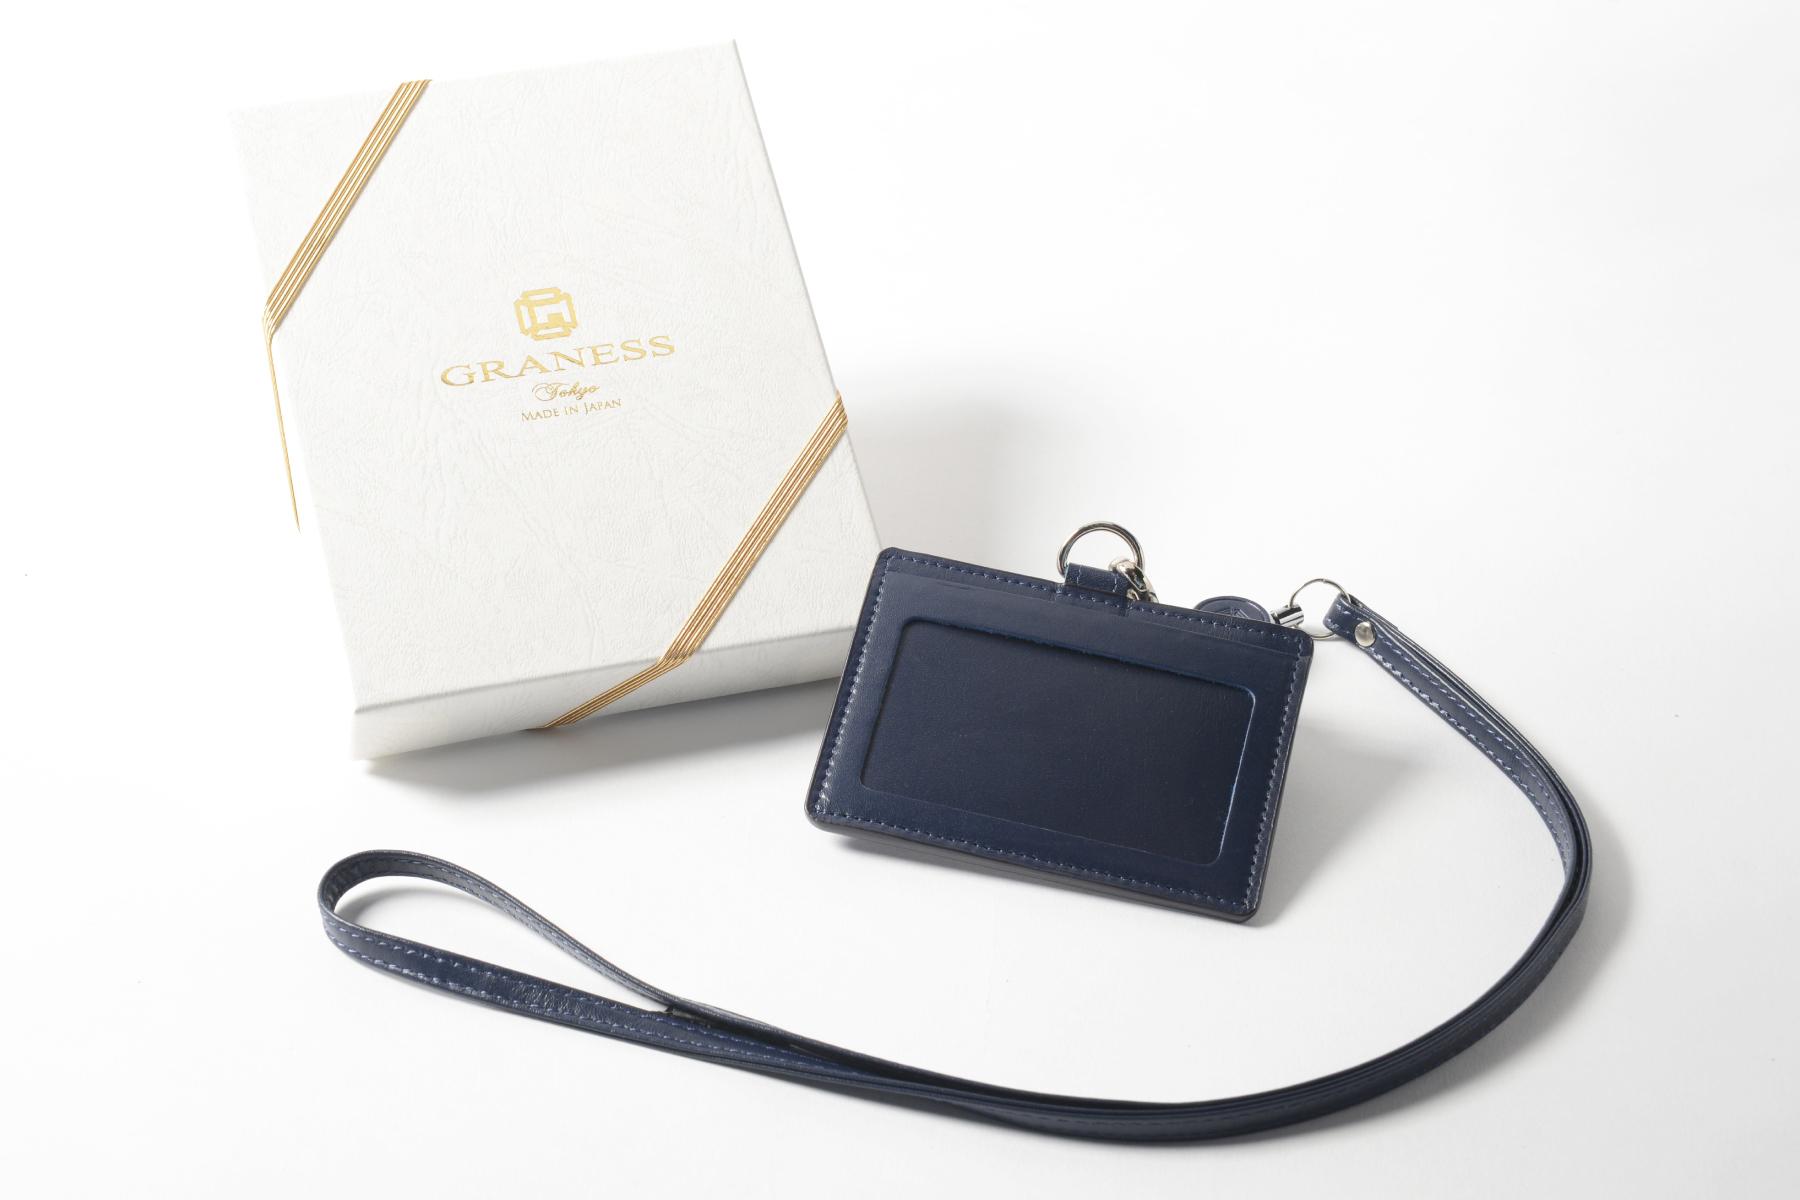 本革製IDケースと記念品用の名入れ化粧箱